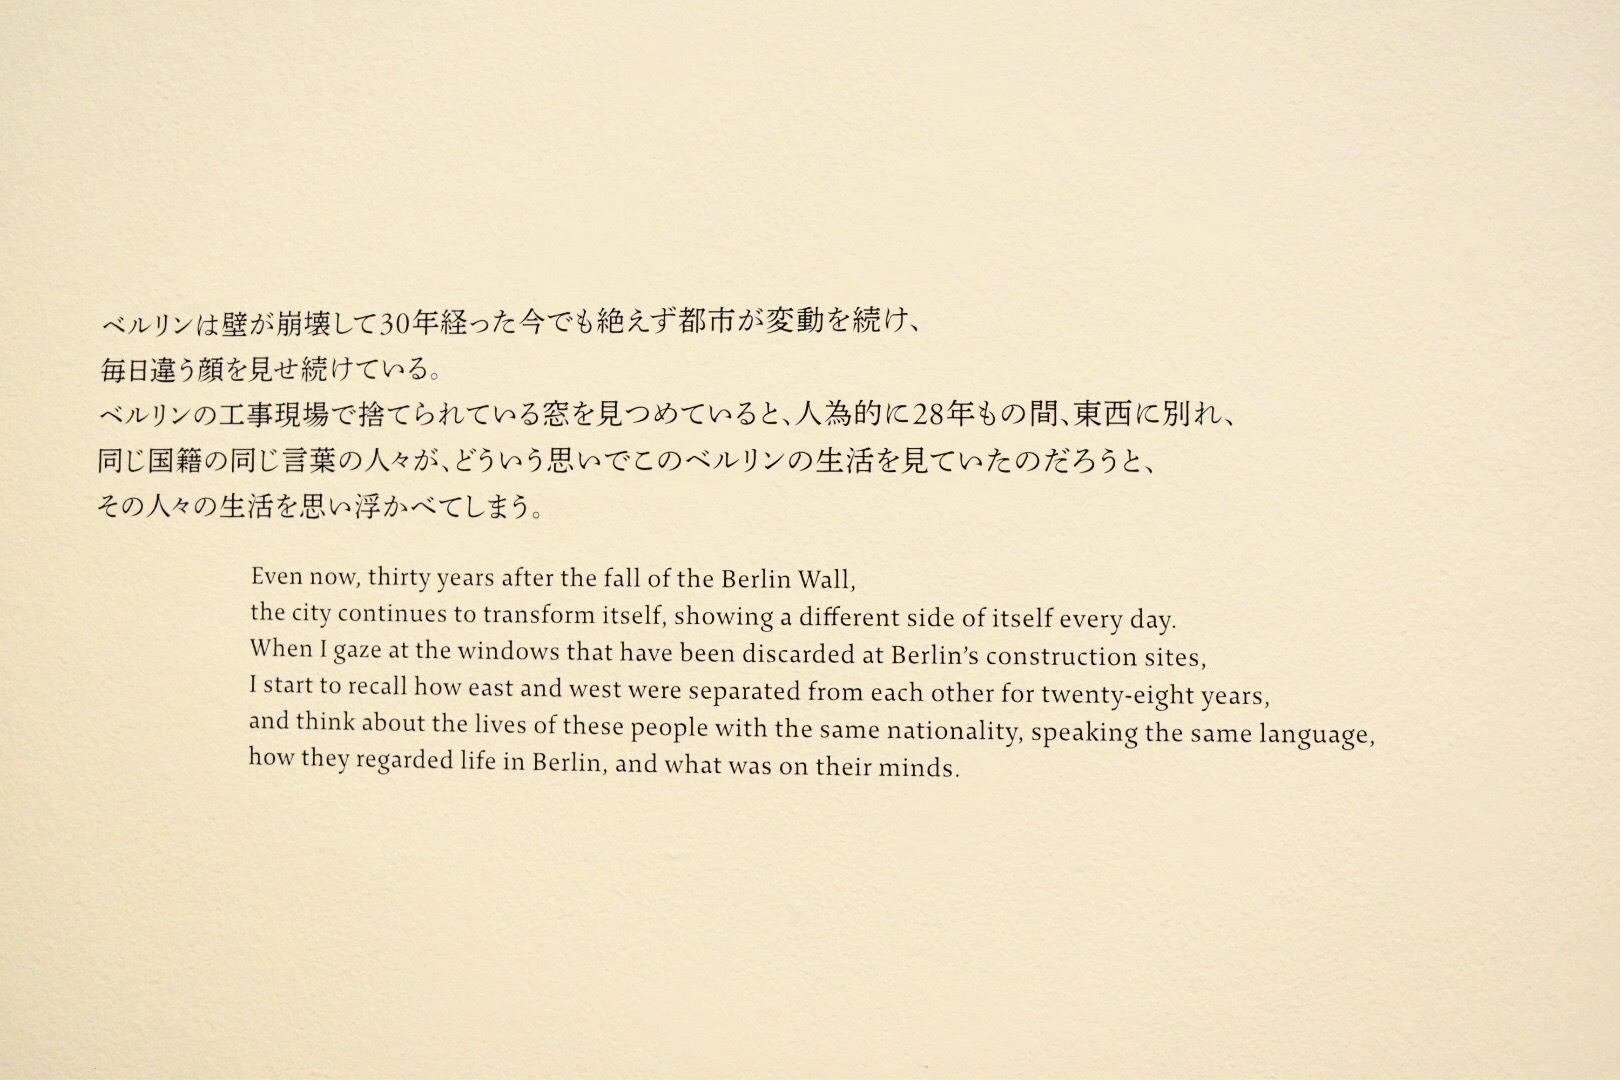 壁に印字された塩田千春の言葉